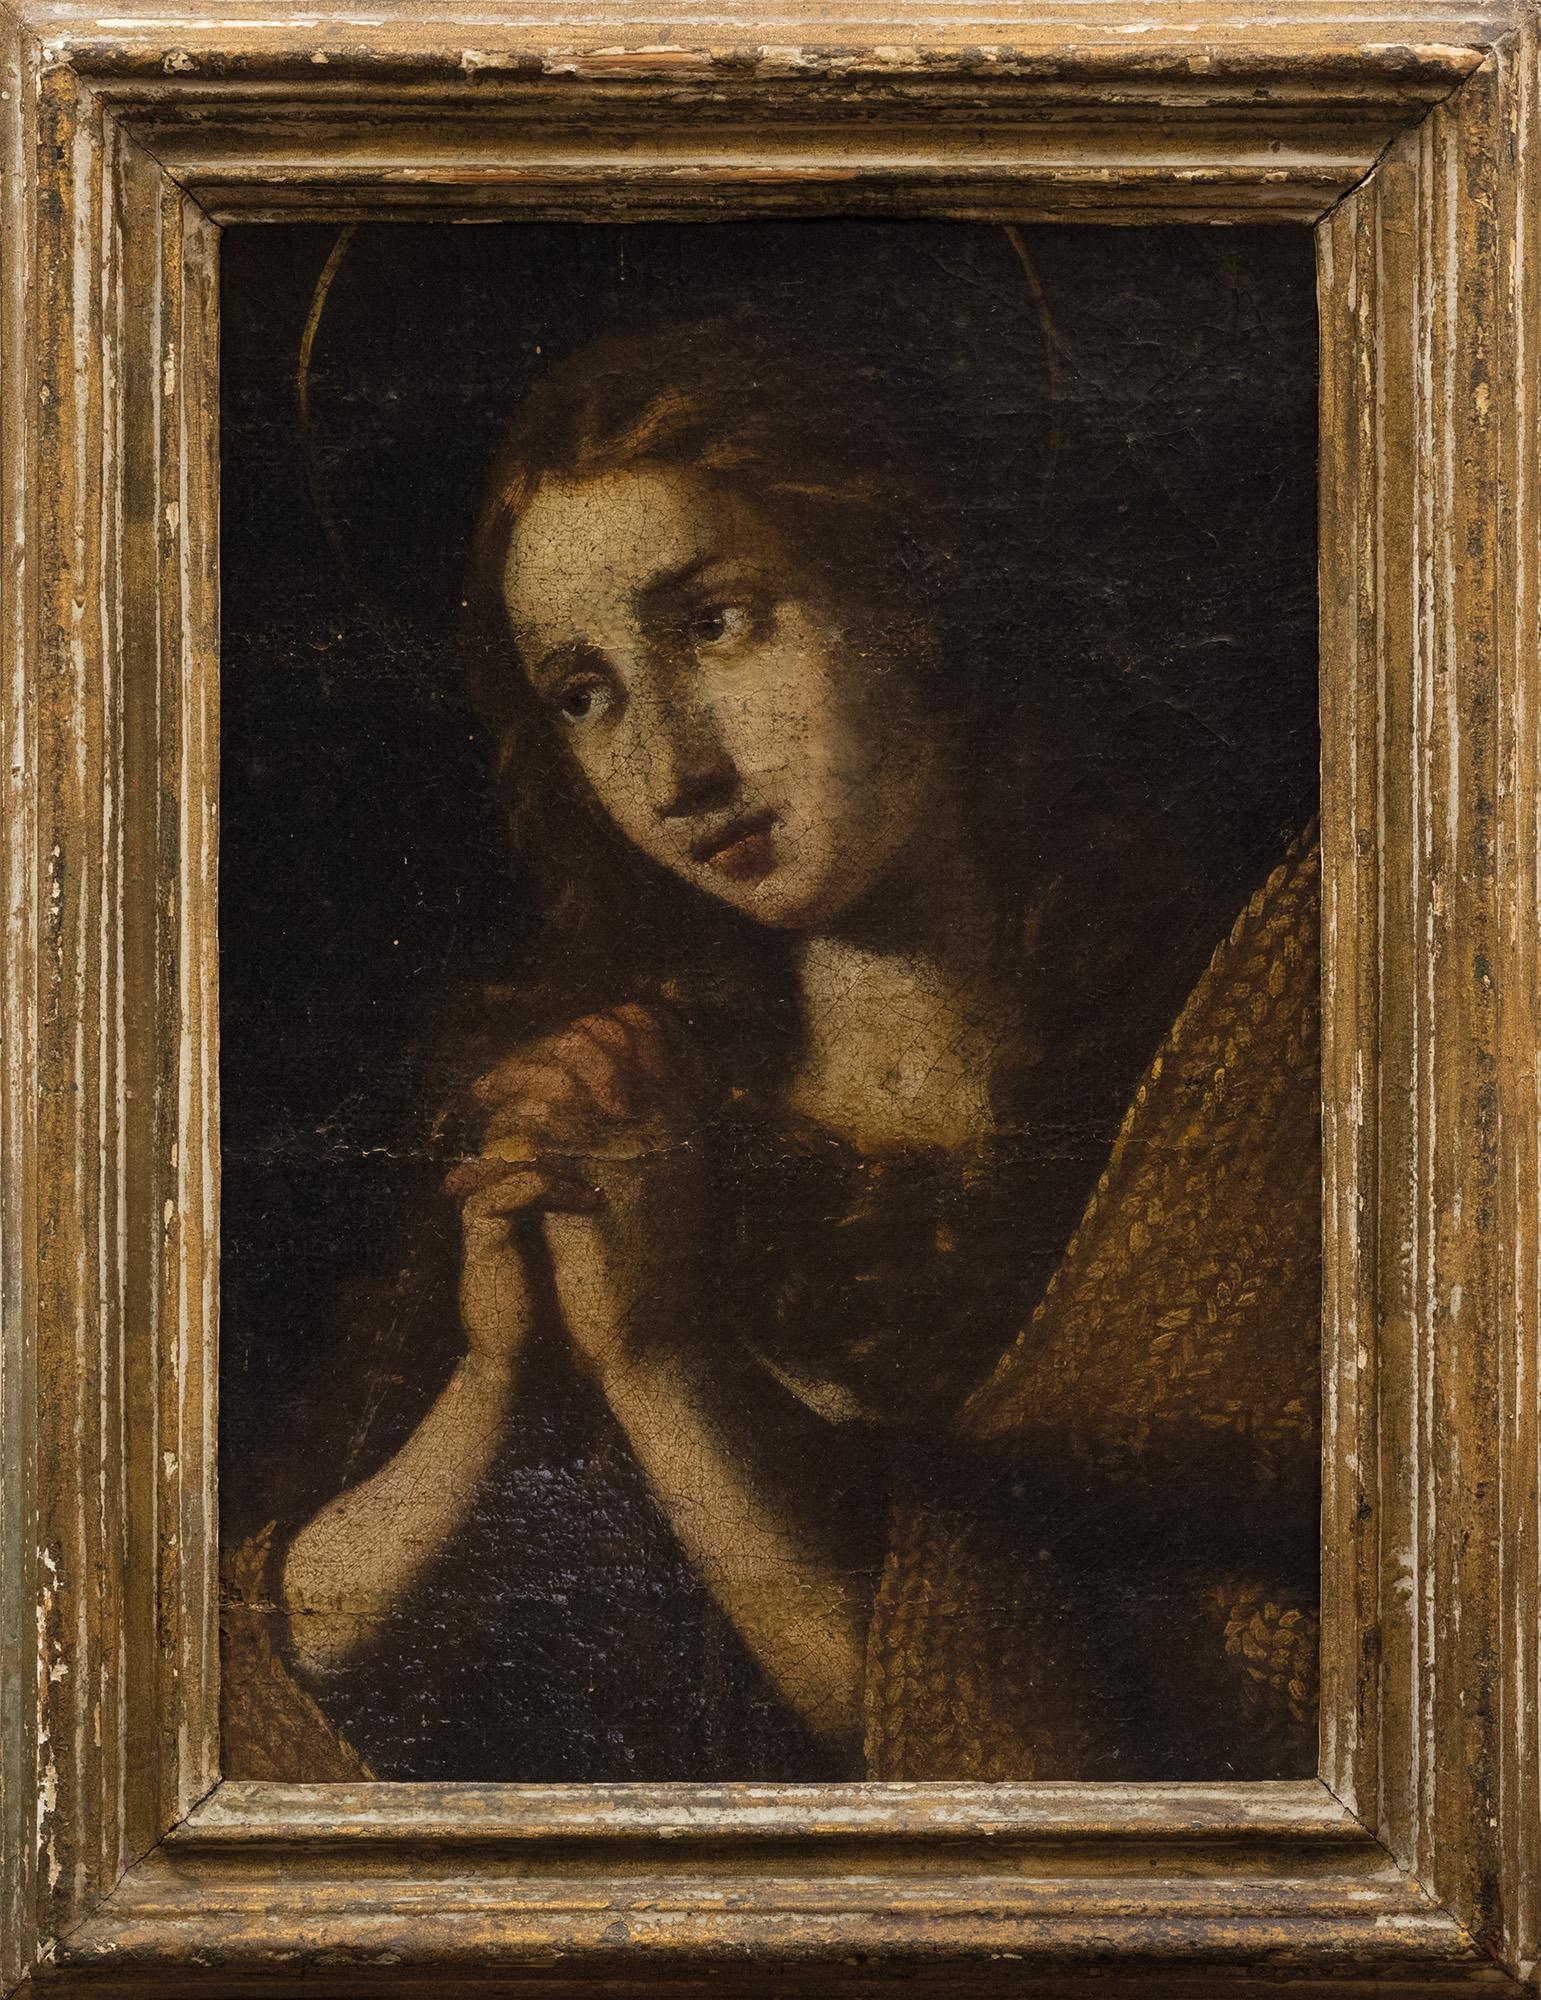 Santa Maria Egiziaca penitente